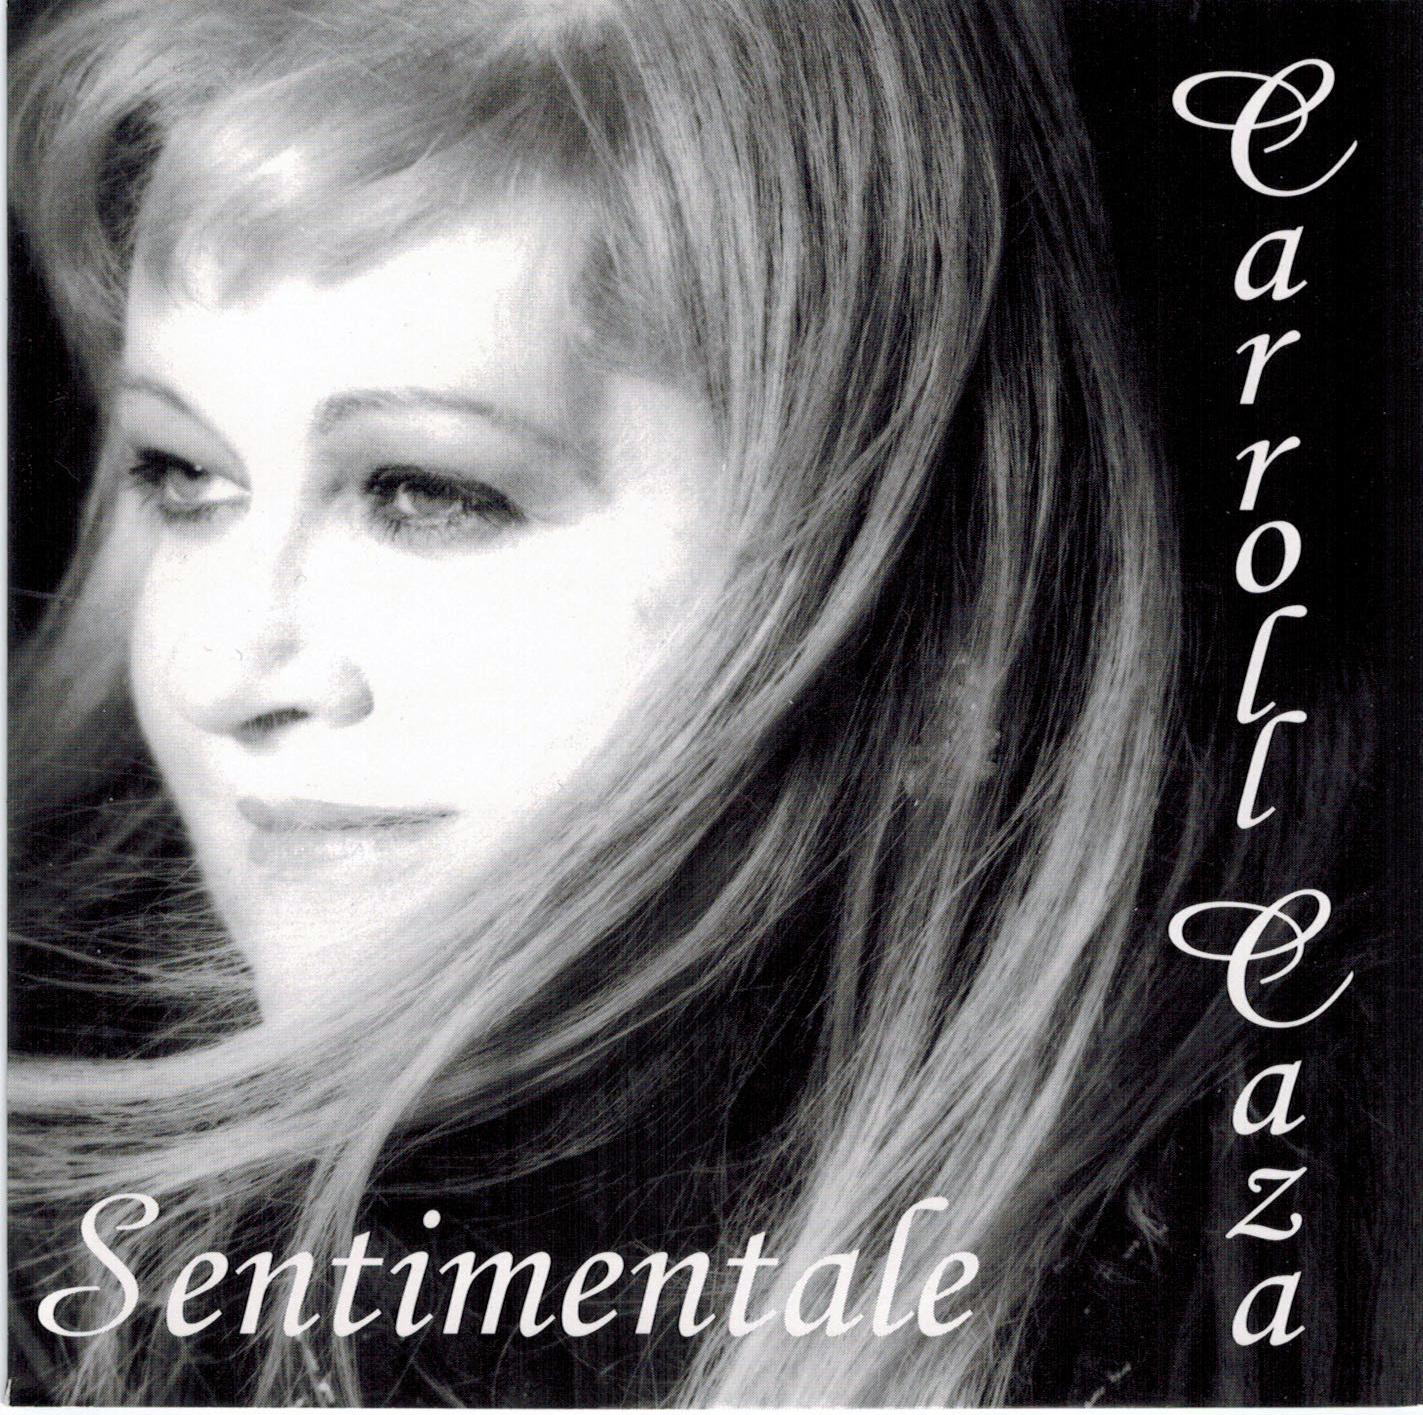 Photo Album Sentimentale